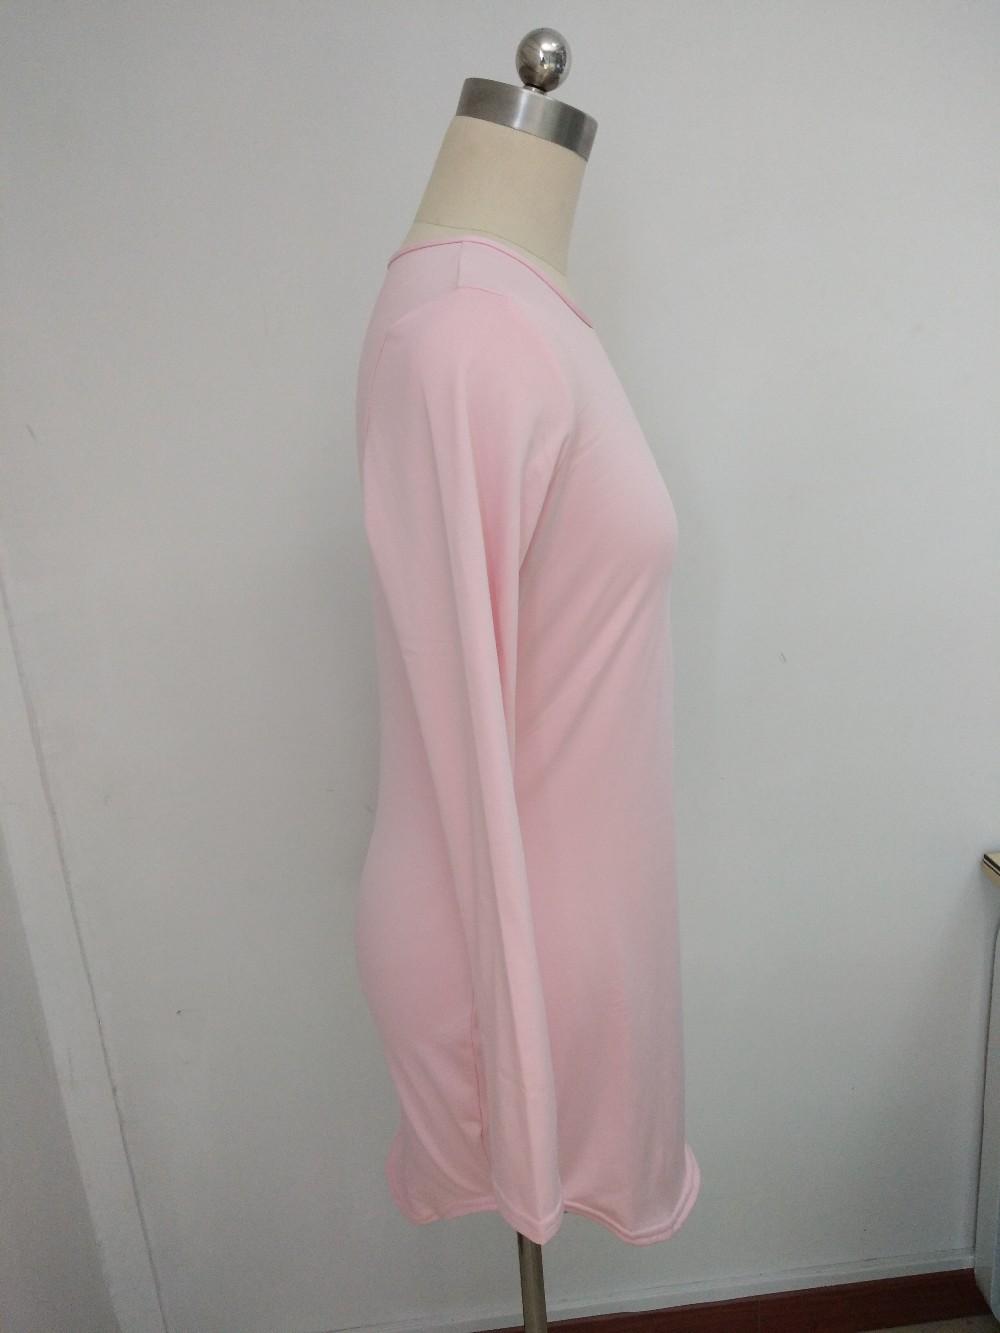 HTB1u8f.MVXXXXbXXXXXq6xXFXXXY - Long Sleeve Mini Bodycon Split Tshirt Bandage Dresses JKP208